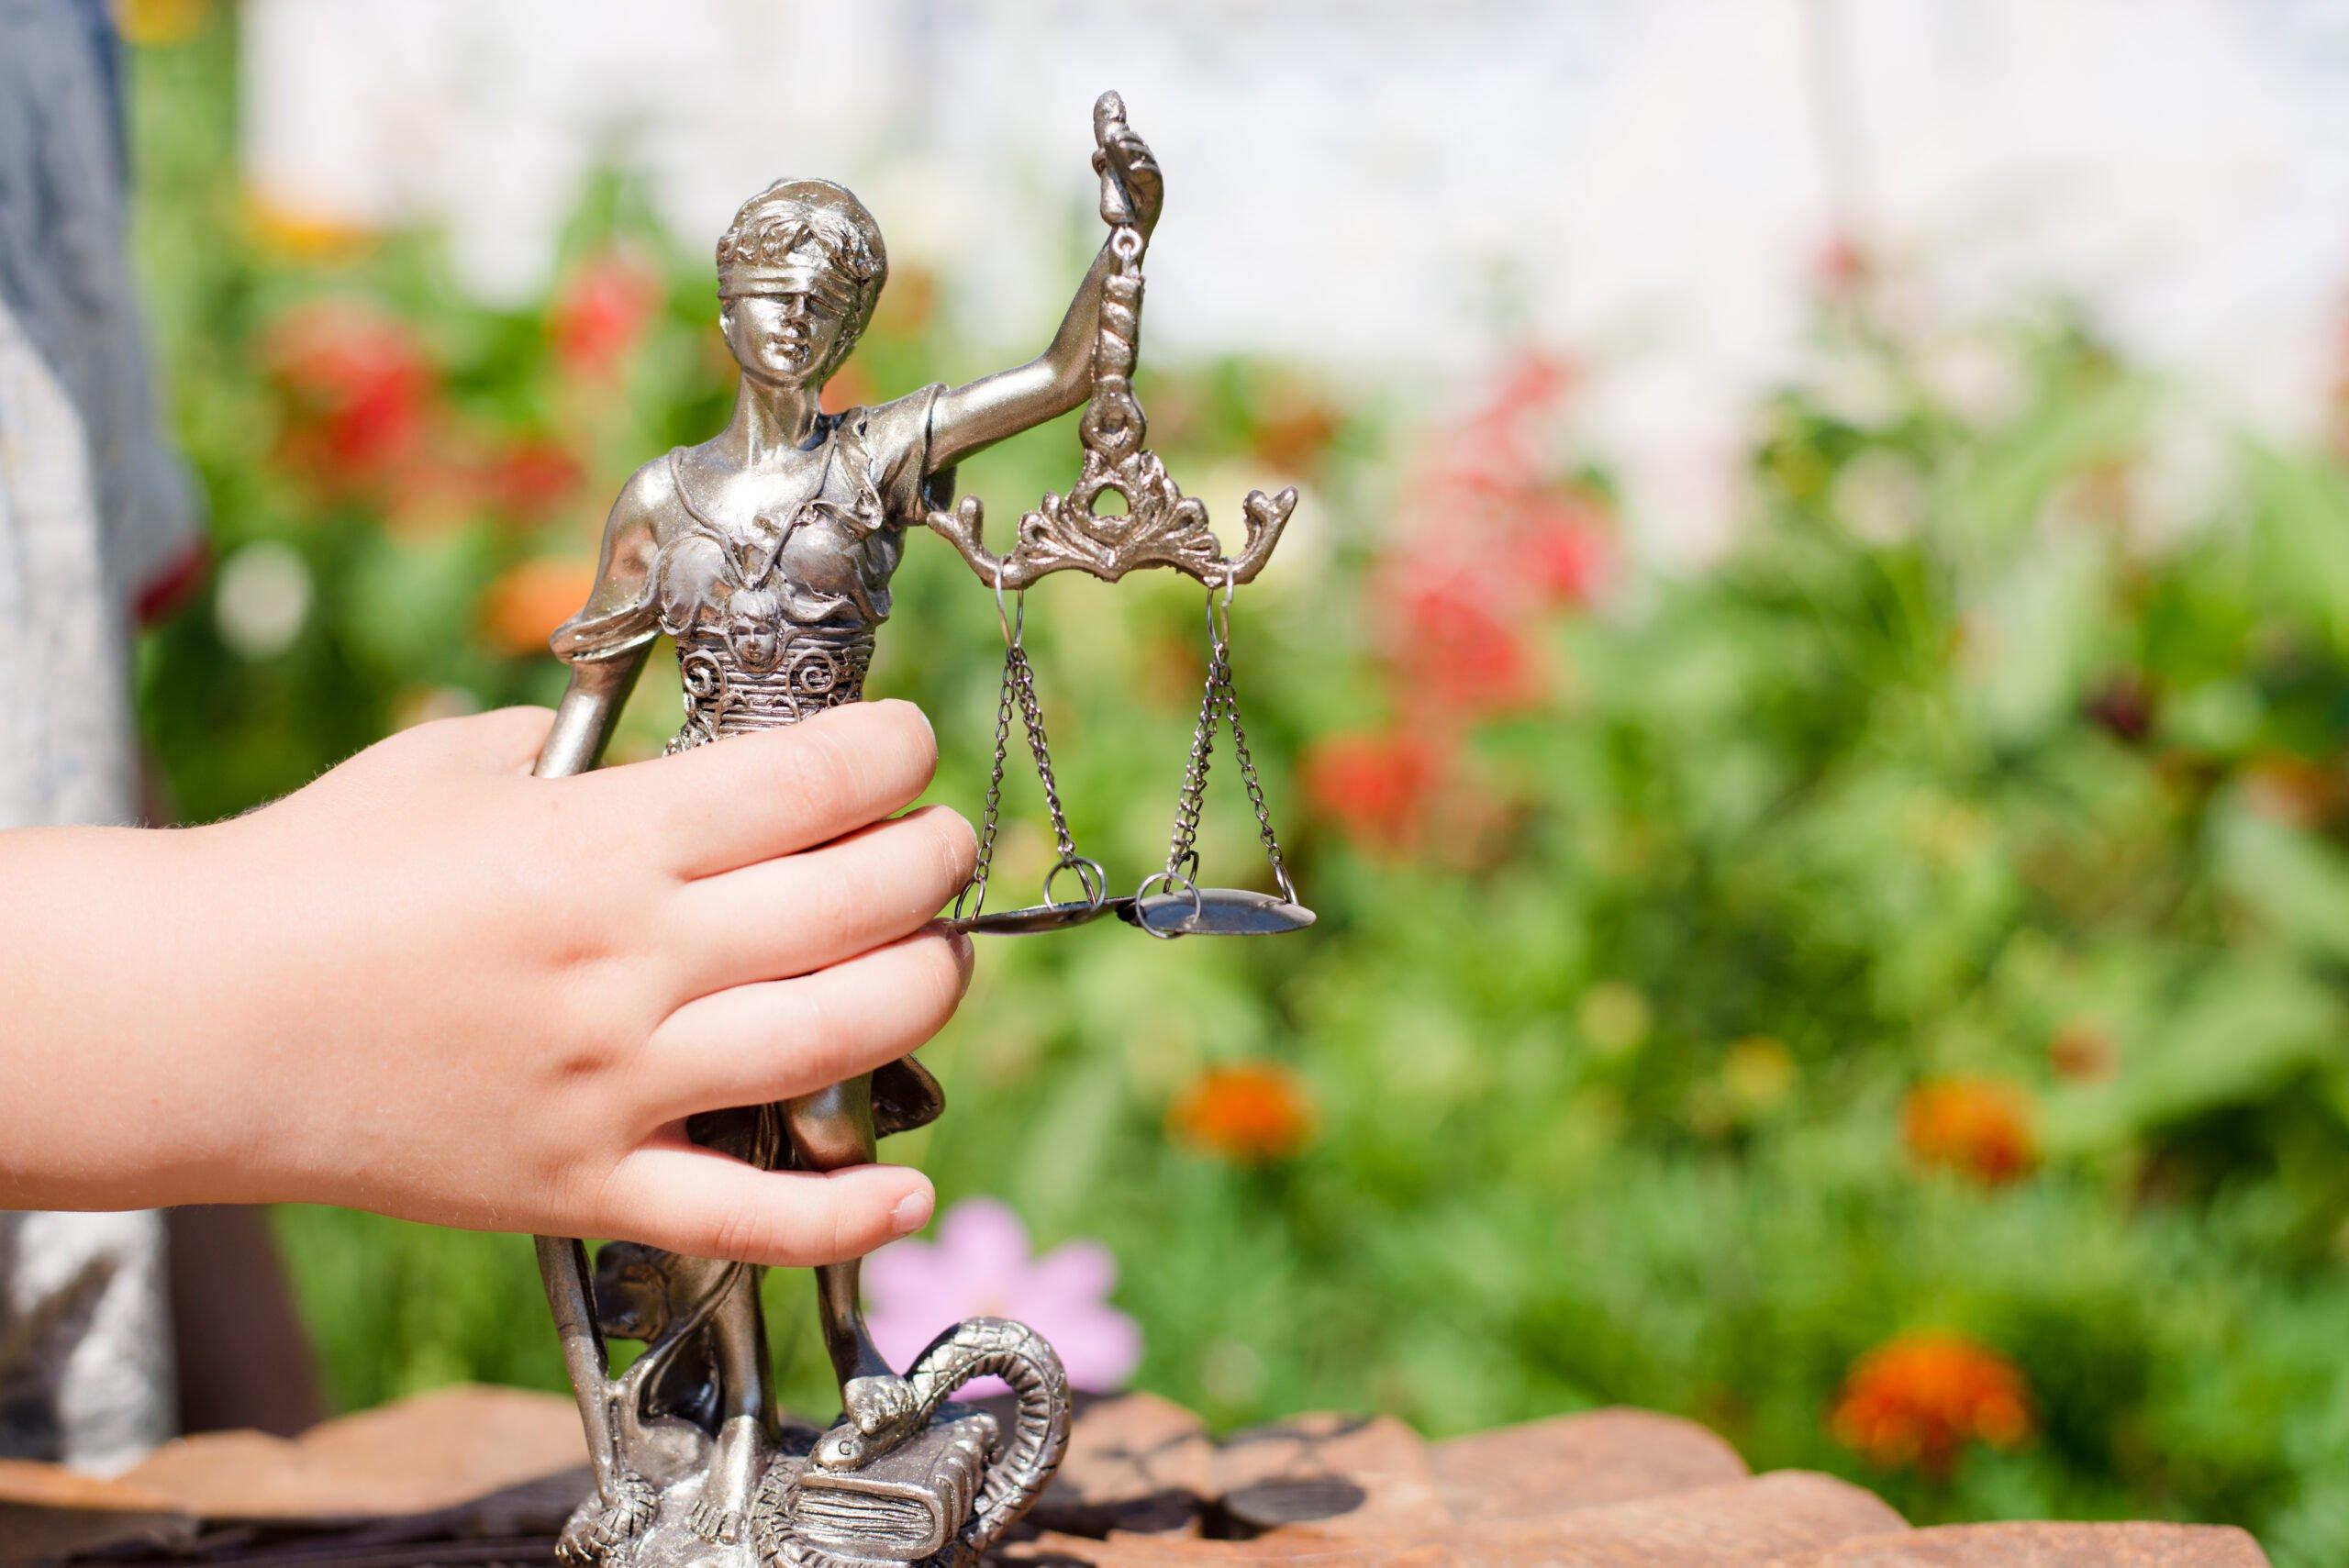 Foto mostra mão de criança segurando estátua da justiça